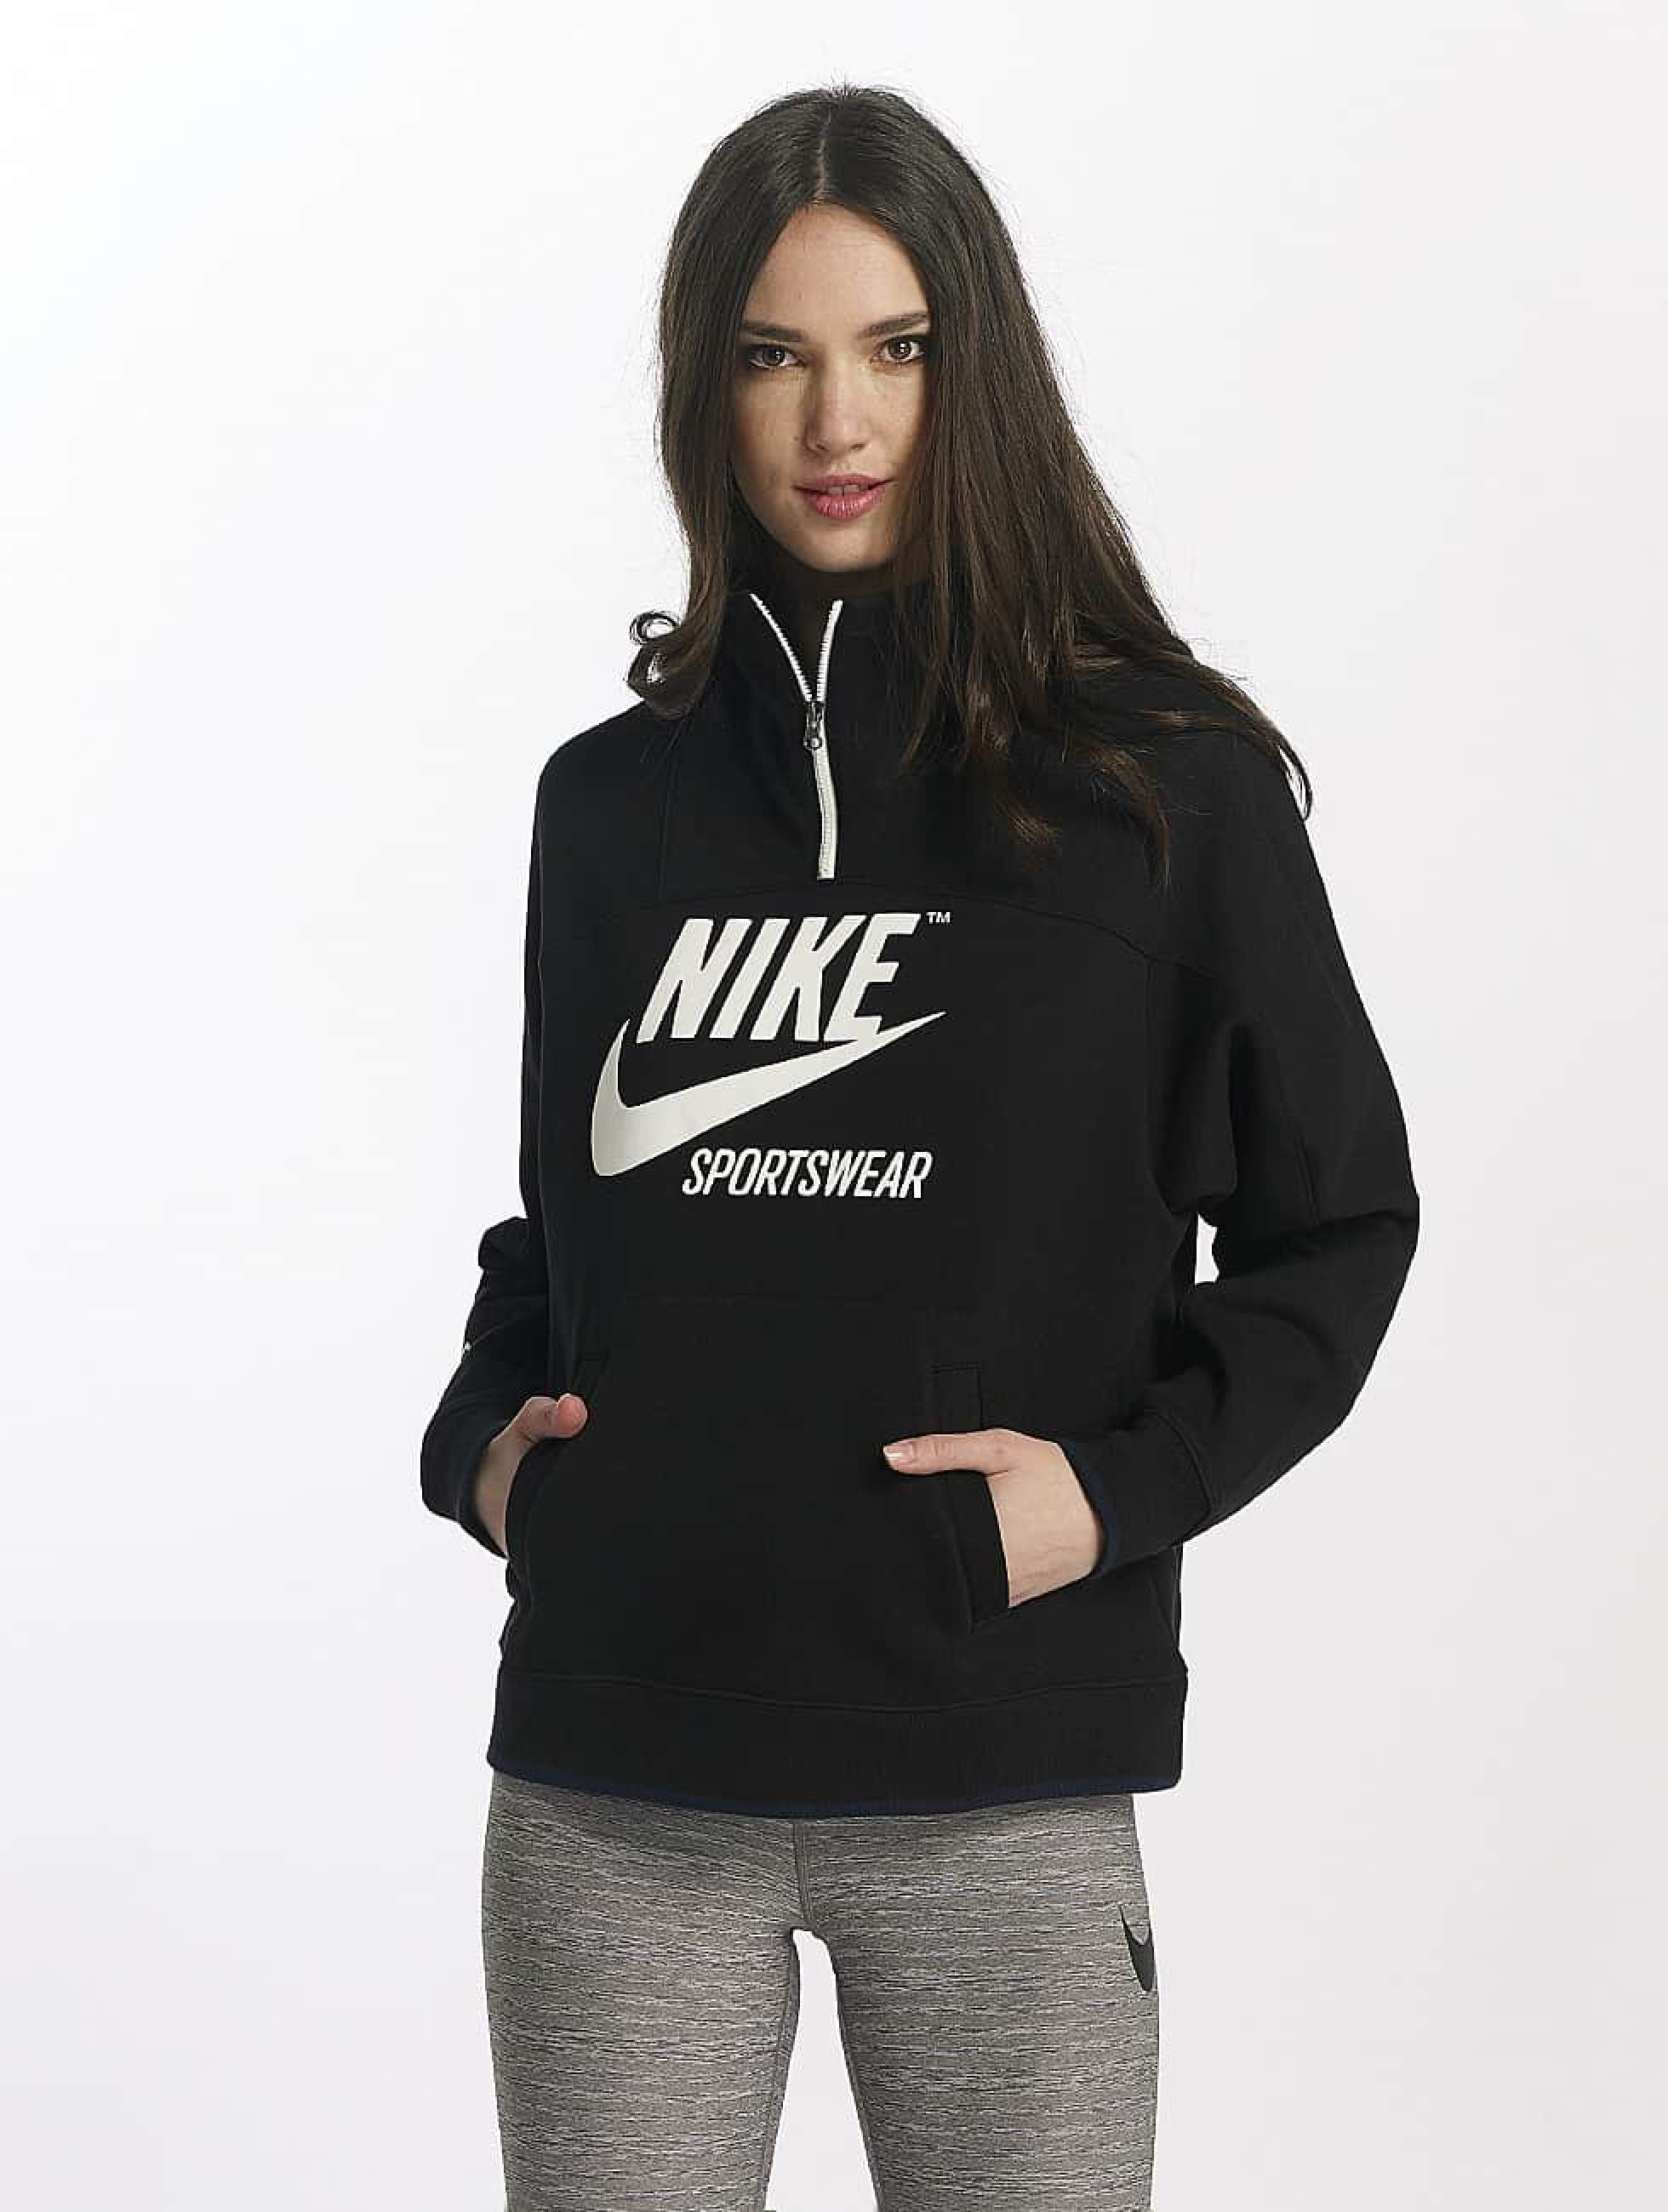 413424 In Nike Pullover Damen Sweatshirt Sportswear Schwarz Y7yqhv6sn